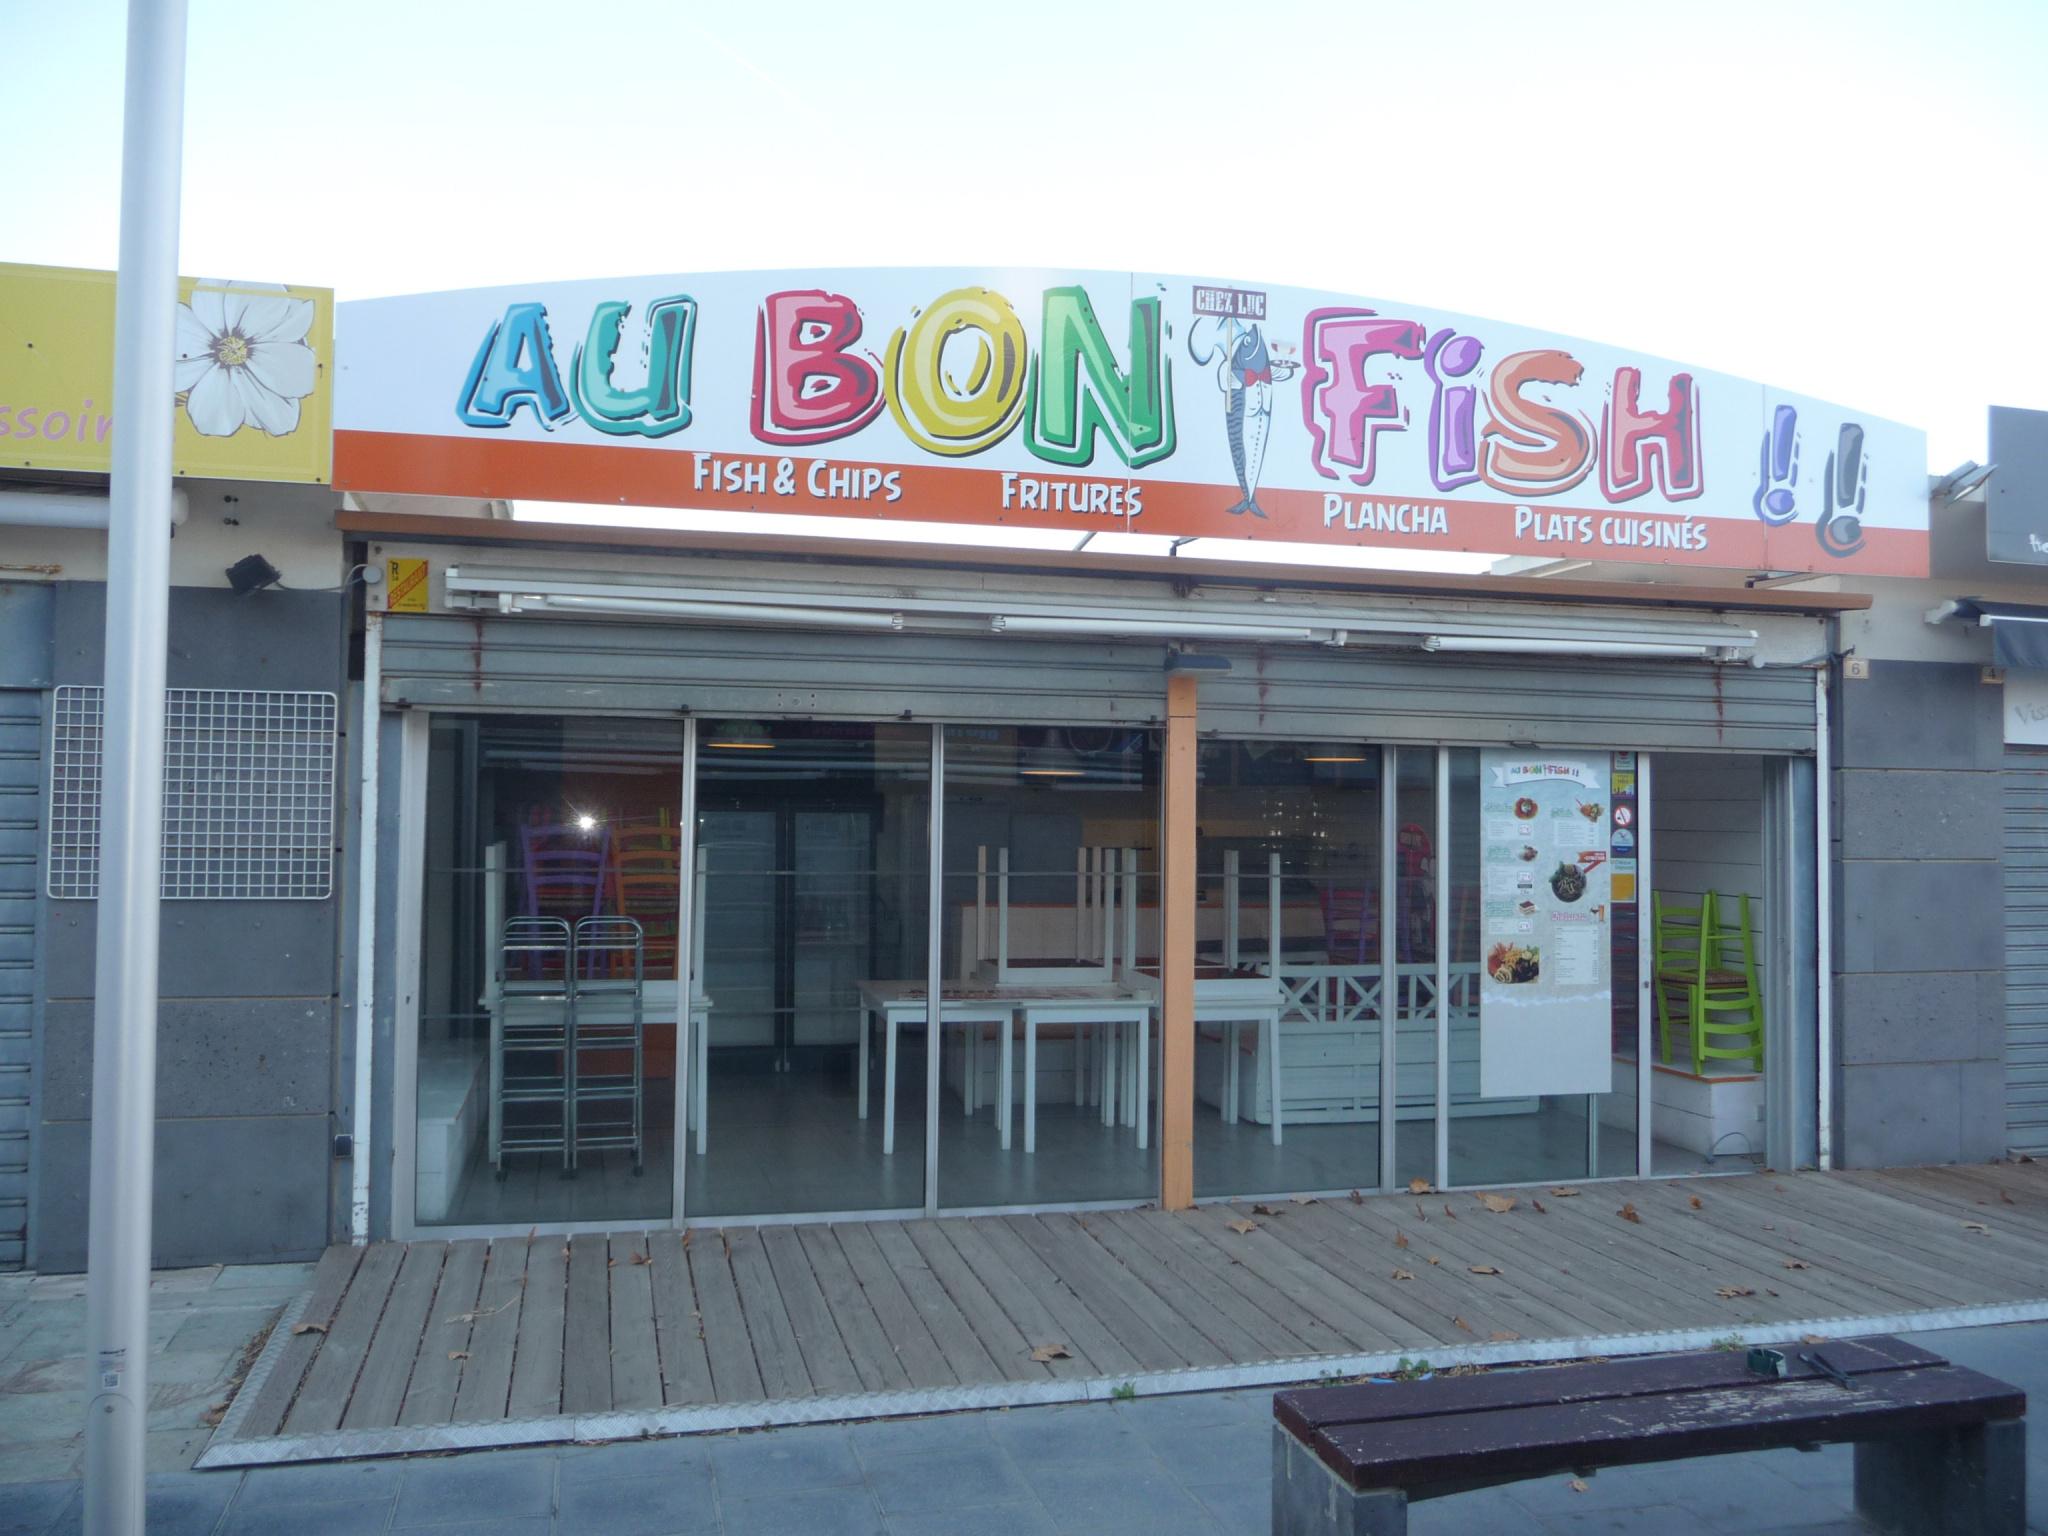 Vente Immobilier Professionnel Cession de droit au bail Cap d'Agde (34300)